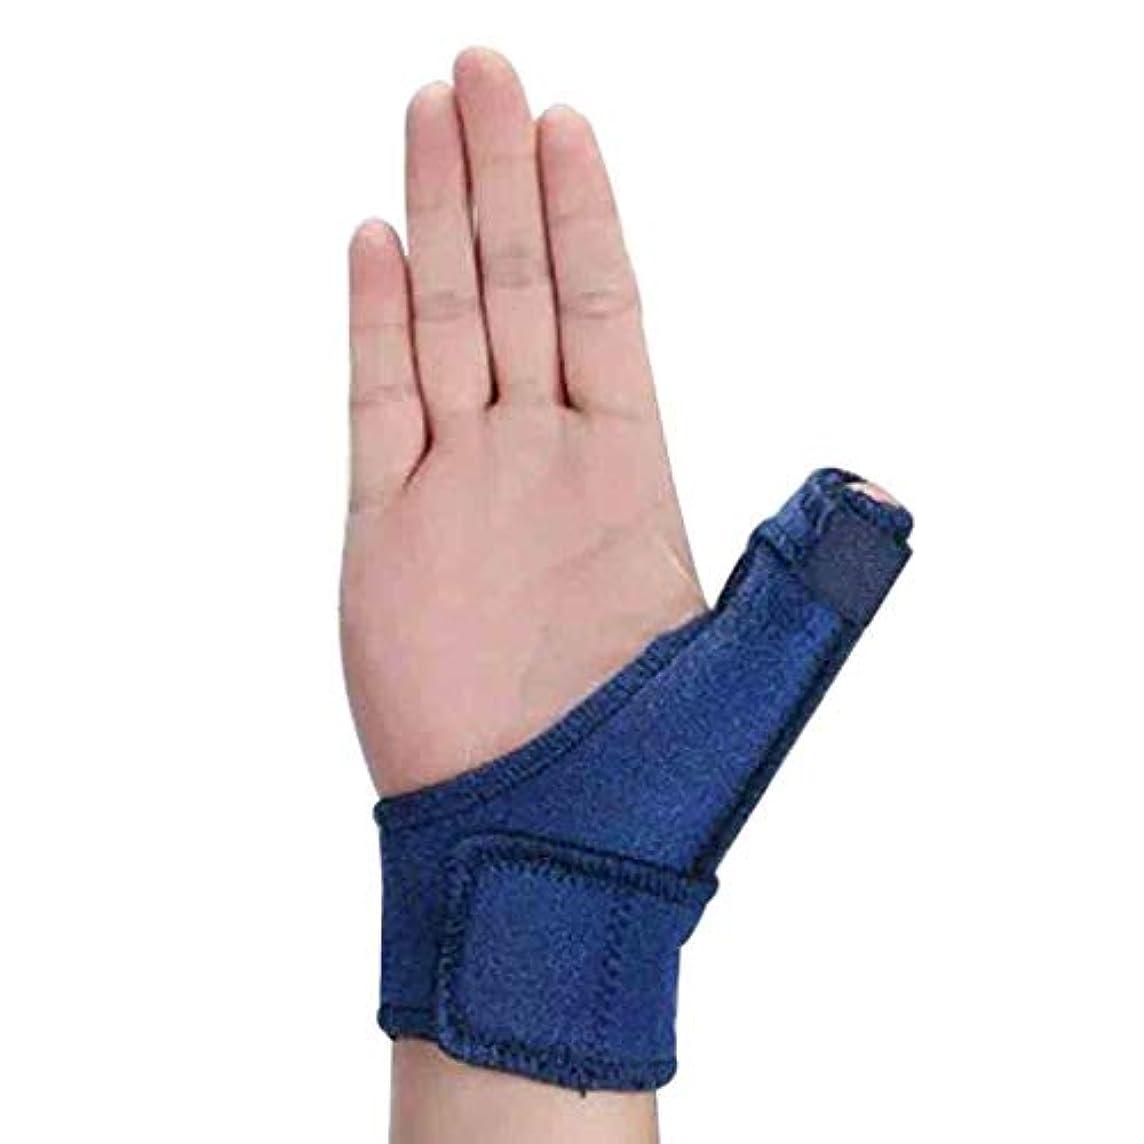 ネスト予知オーバーフロートリガーのための調節可能な親指スプリント親指リストストラップブレース親指スプリント親指関節炎痛み緩和ブレース(1個、ユニセックス、左&右の手青) Roscloud@